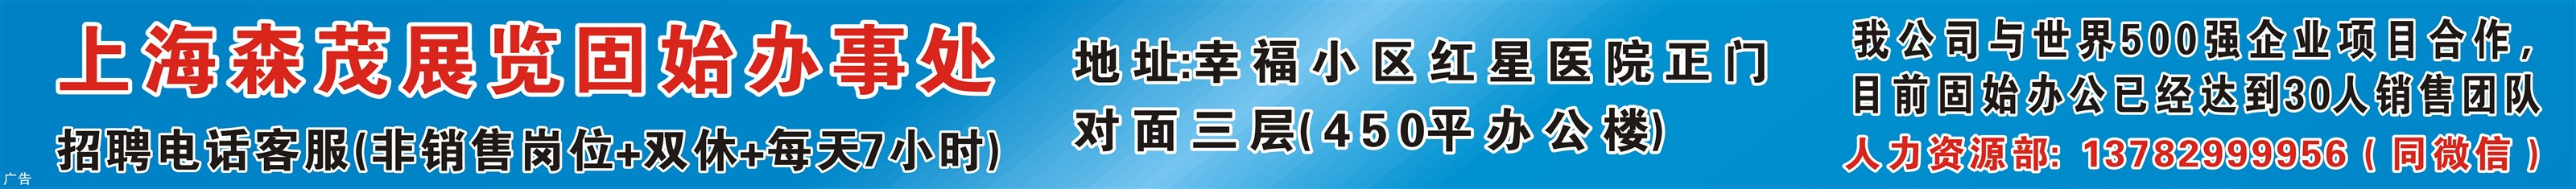 上海森茂展覽集團